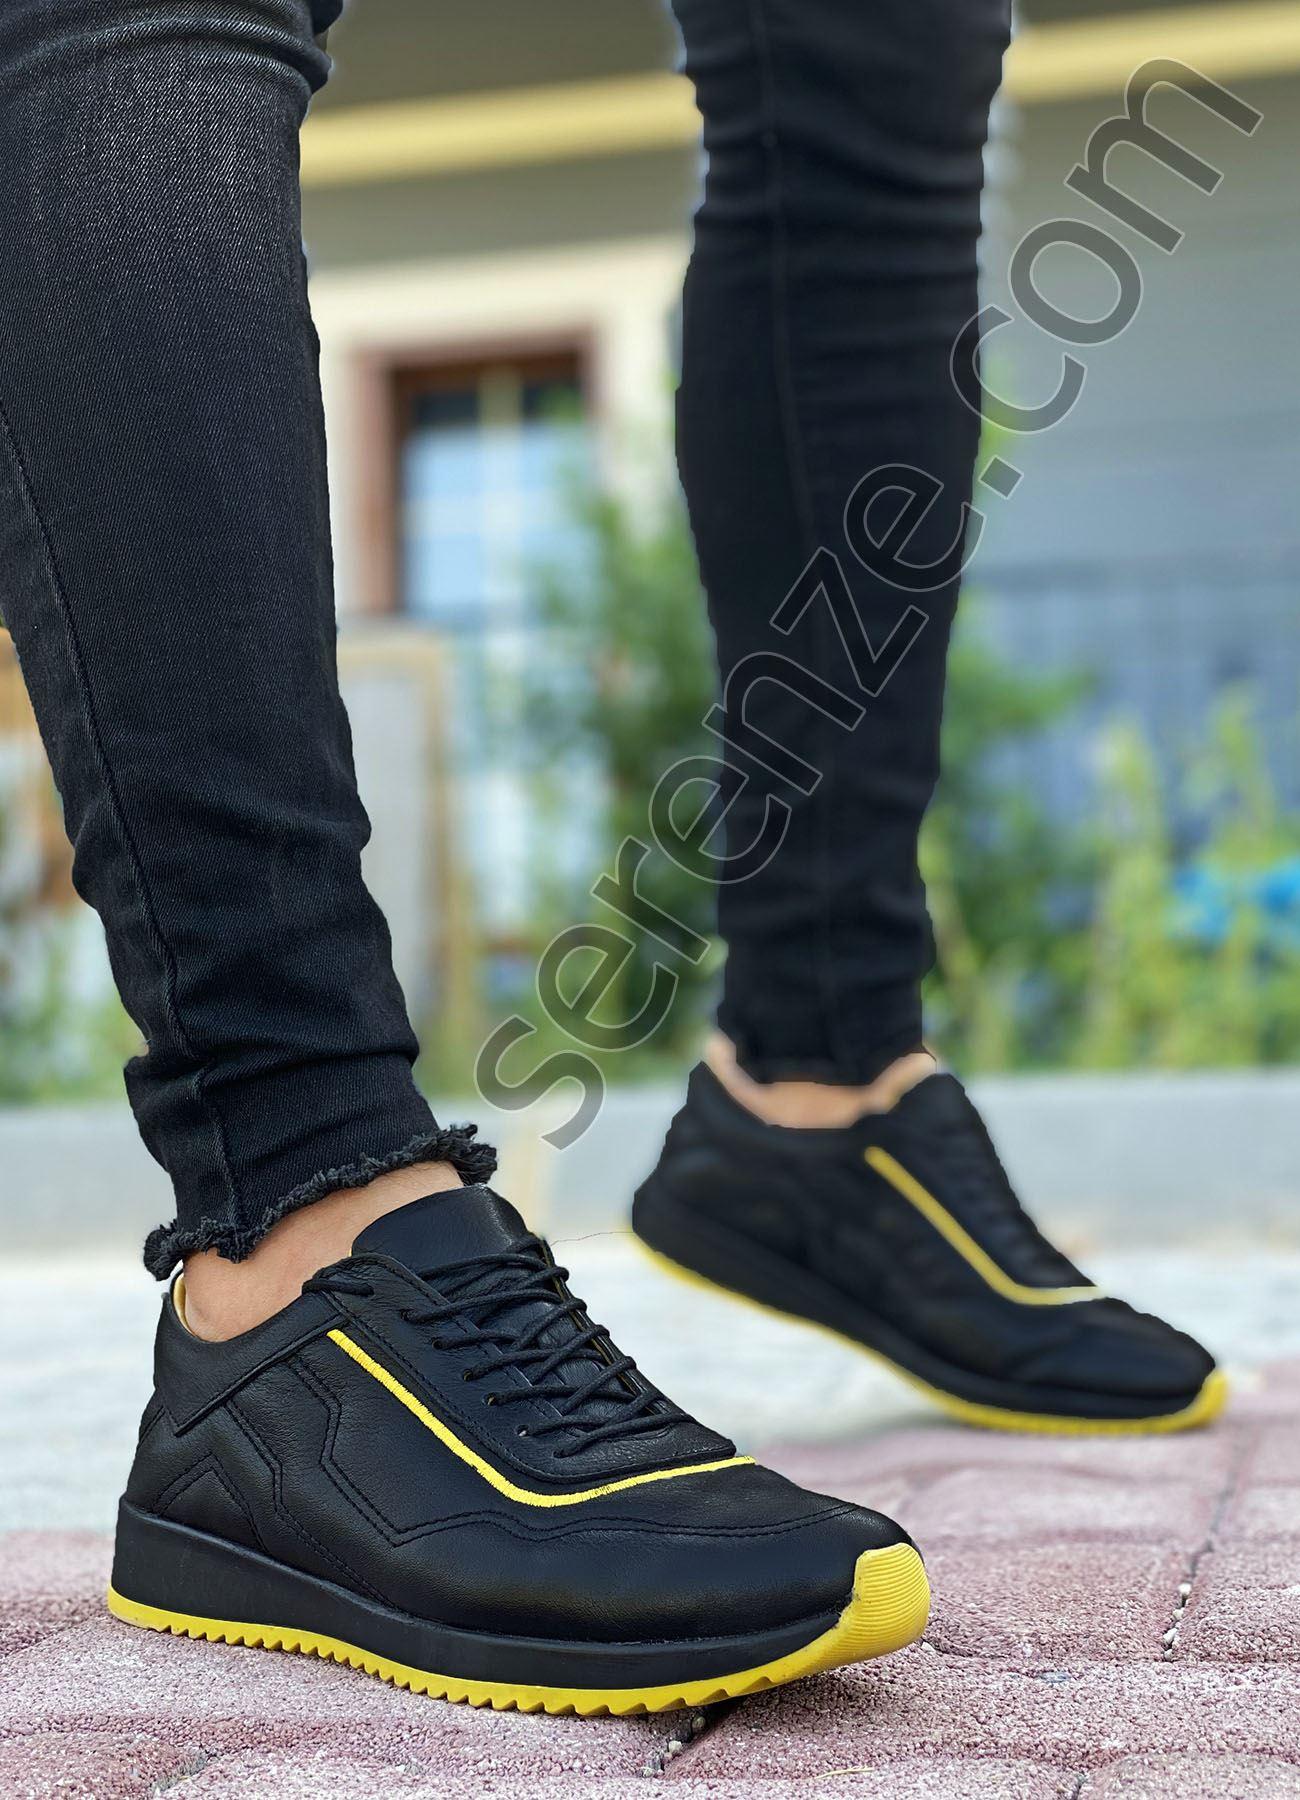 Siyah Sarı Hakiki Deri Erkek Spor Ayakkabı